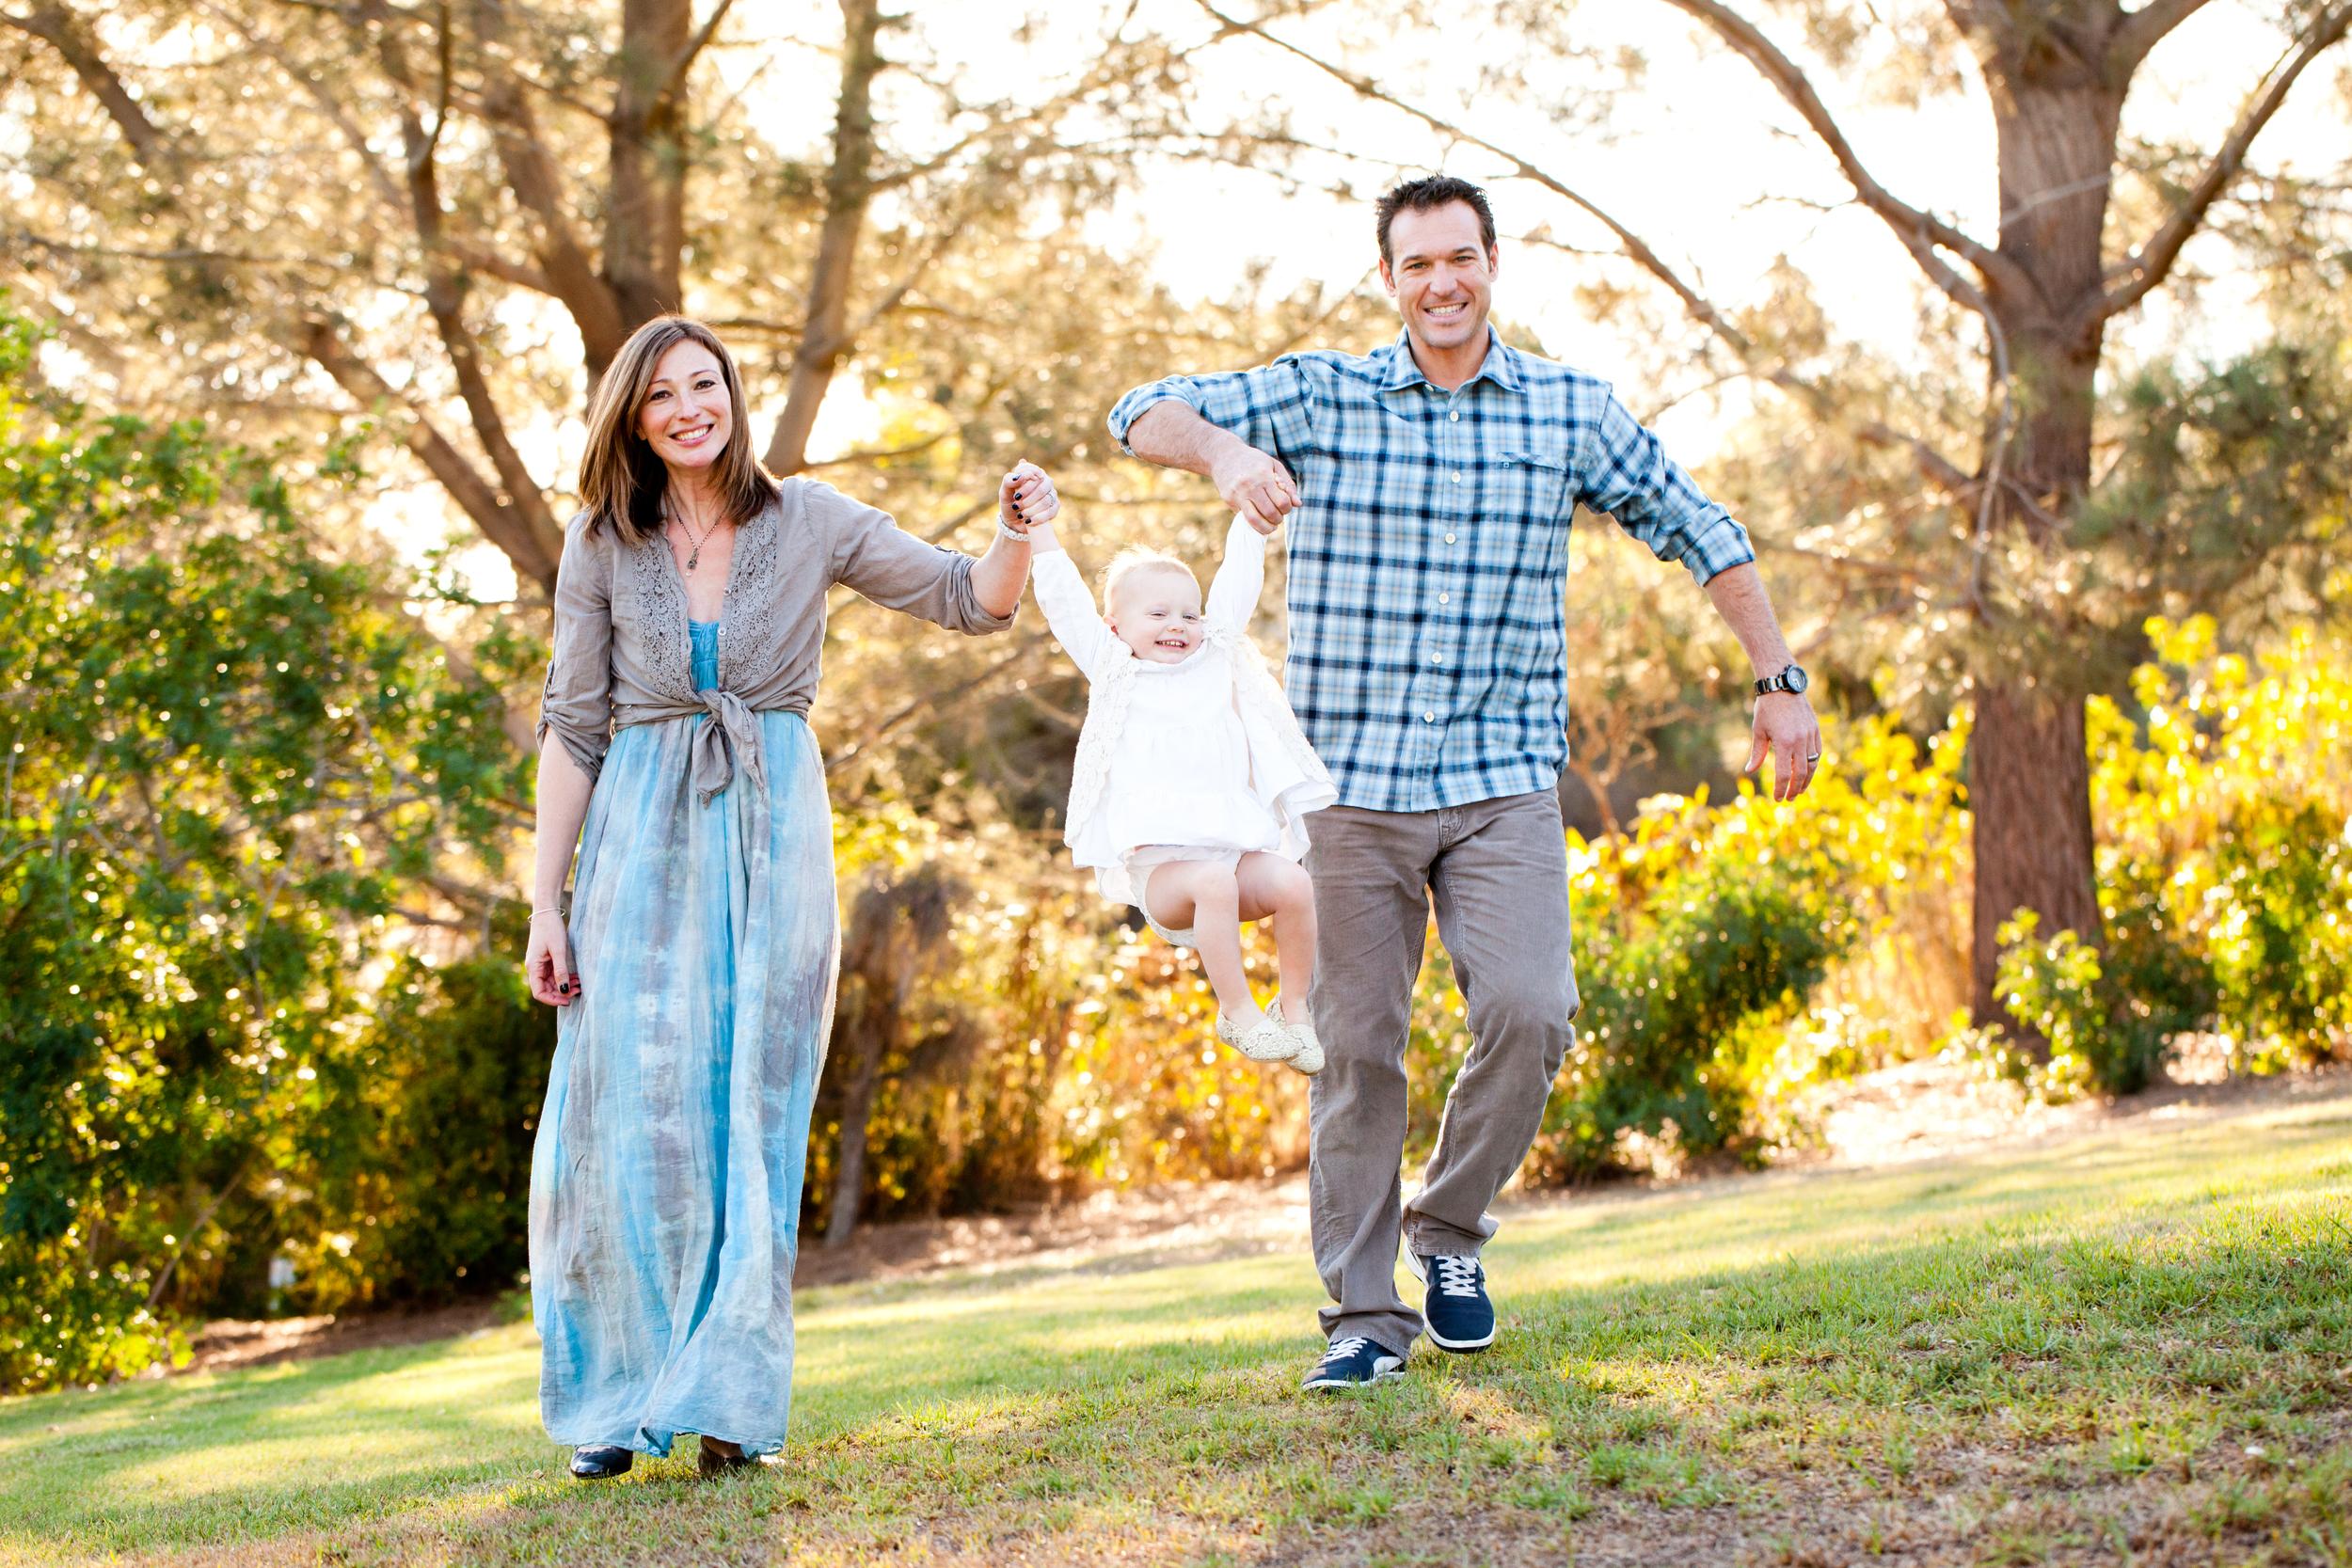 039-LASCELLES FAMILY PHOTOS.jpg